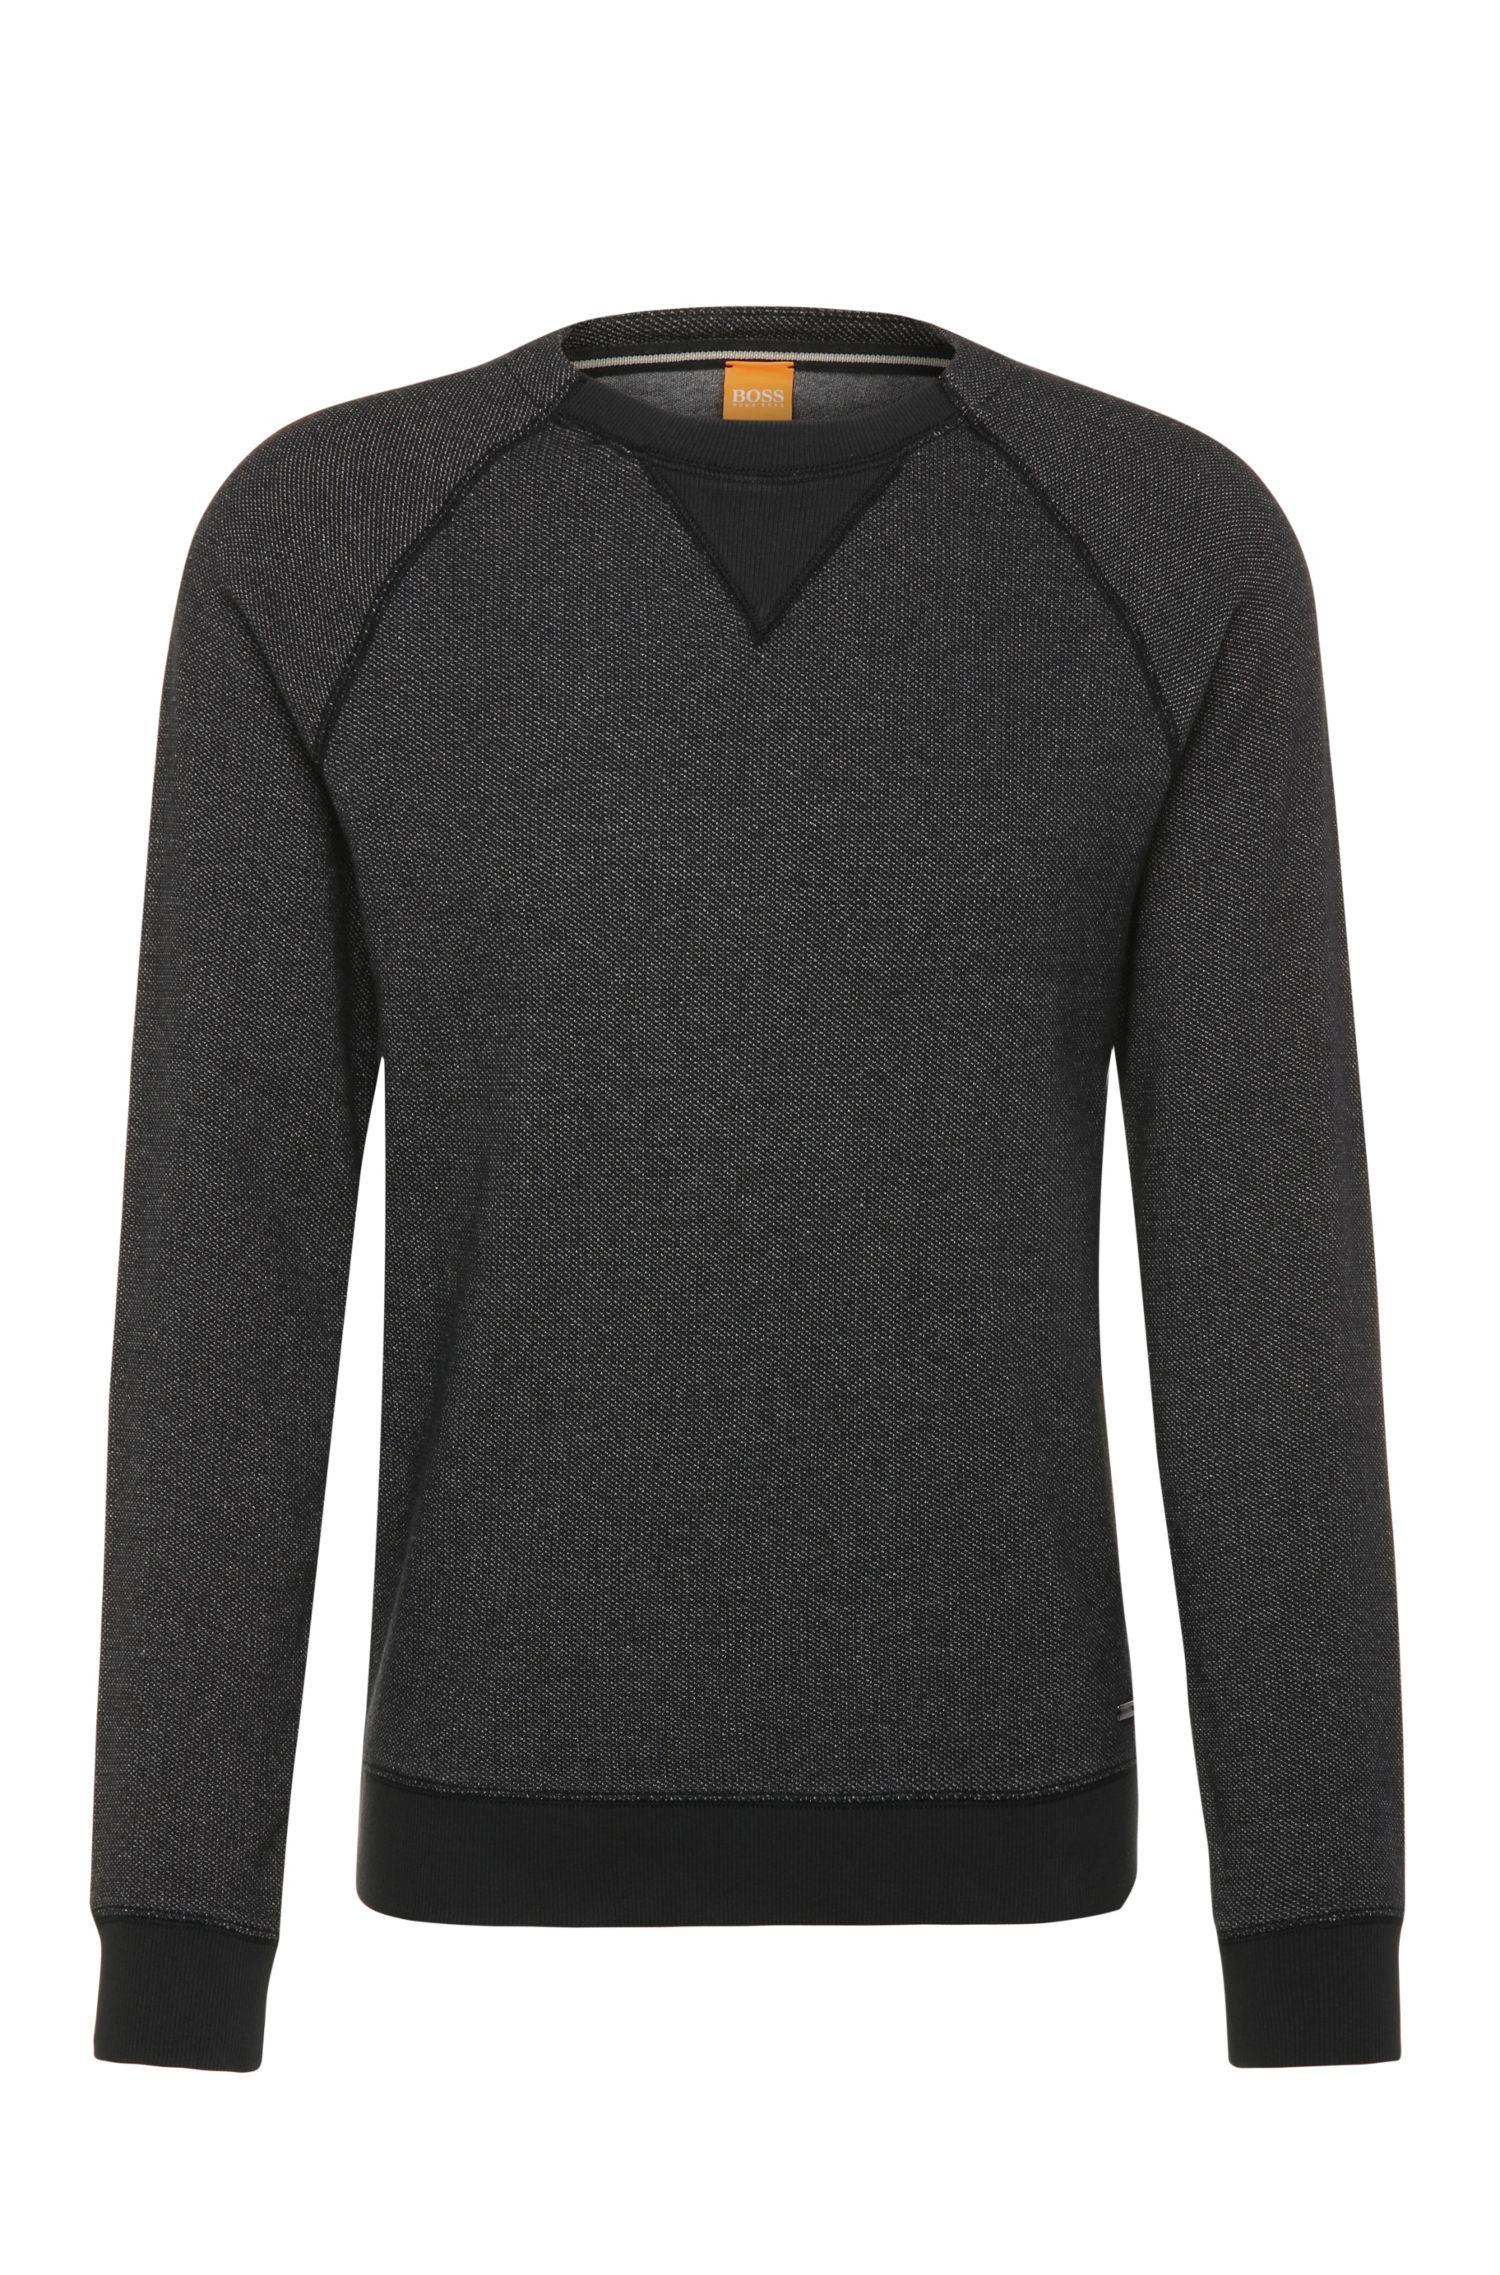 'Warys' | Cotton Contrast Sweatshirt